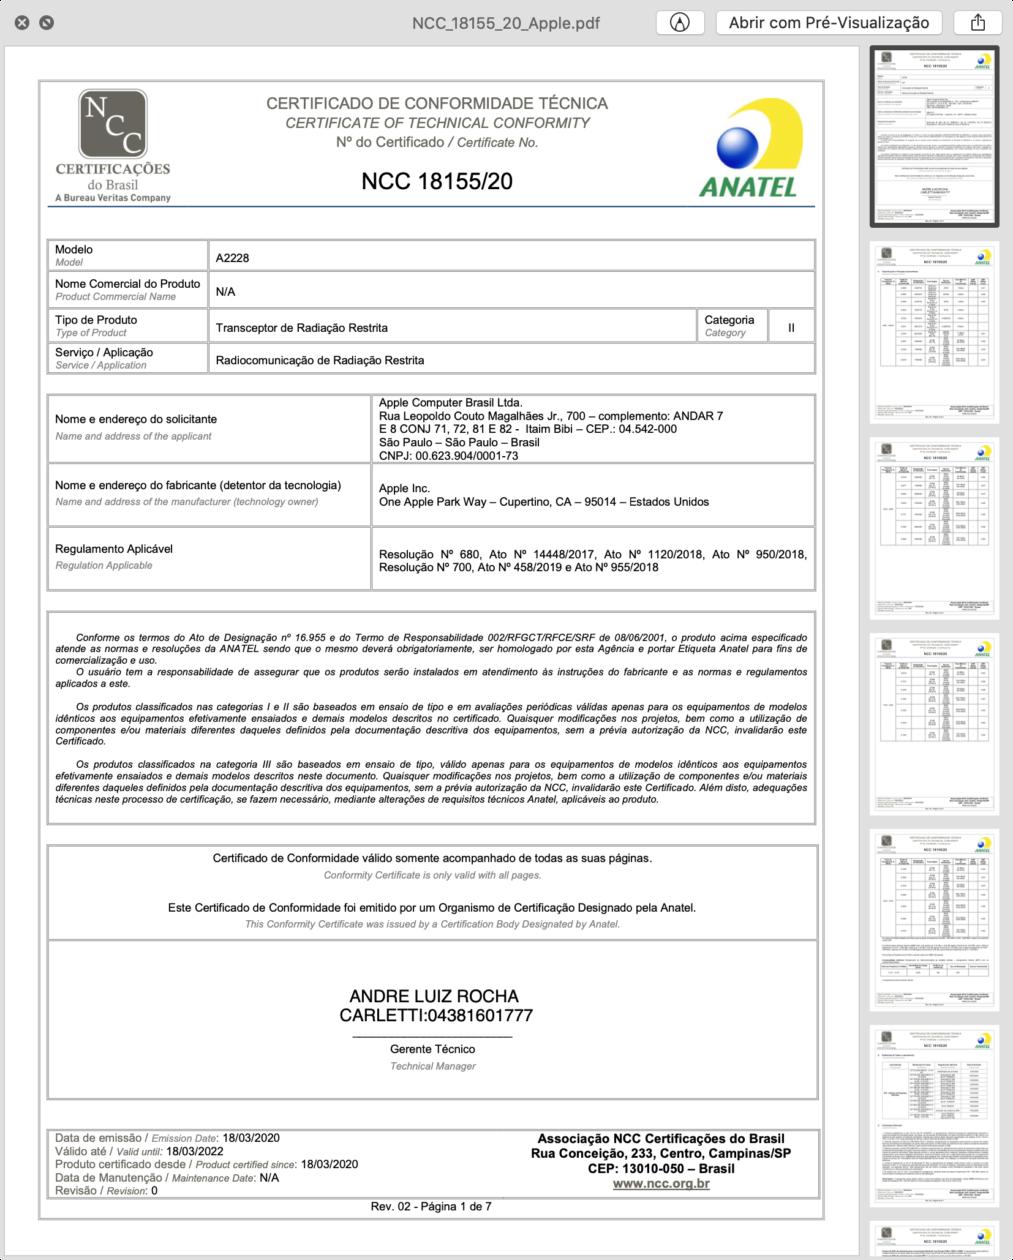 """Certificado de conformidade técnica do iPad Pro Wi-Fi de 11"""""""